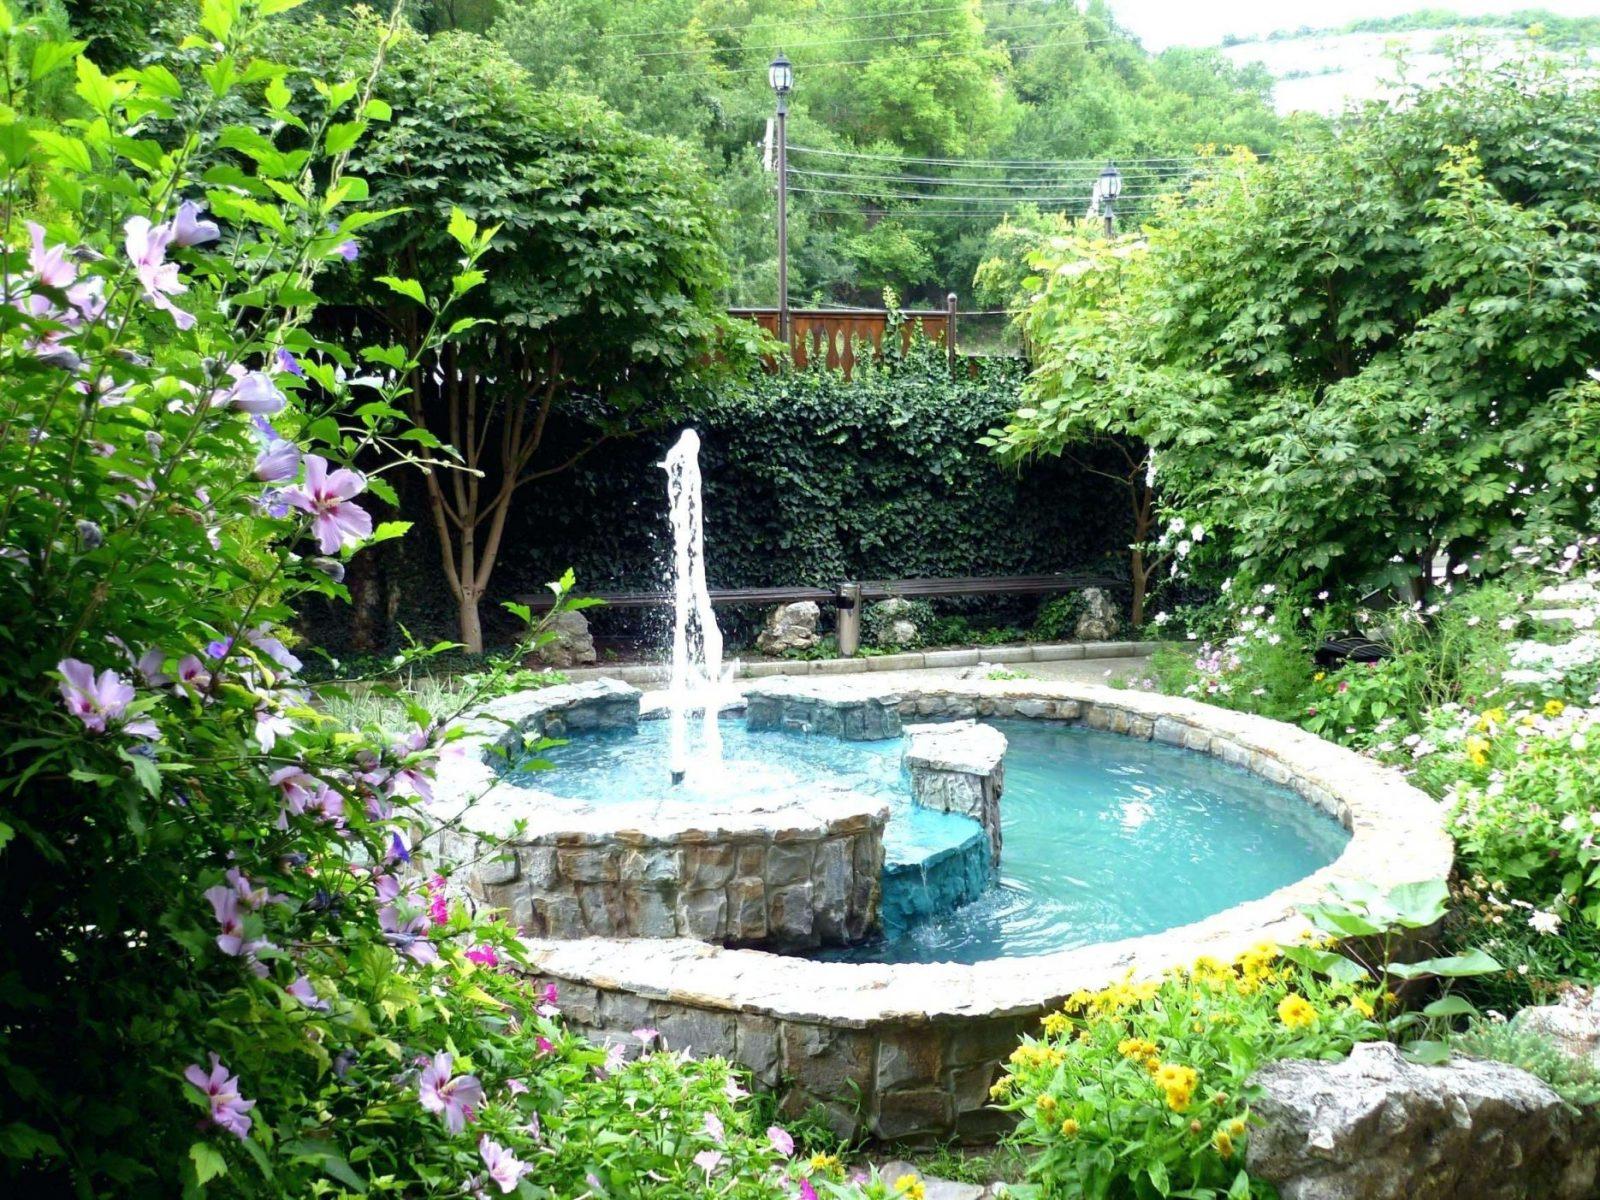 Brunnen Im Garten Bohren Das Beste Von Brunnen Garten Selber Bauen von Brunnen Garten Selber Bauen Bild